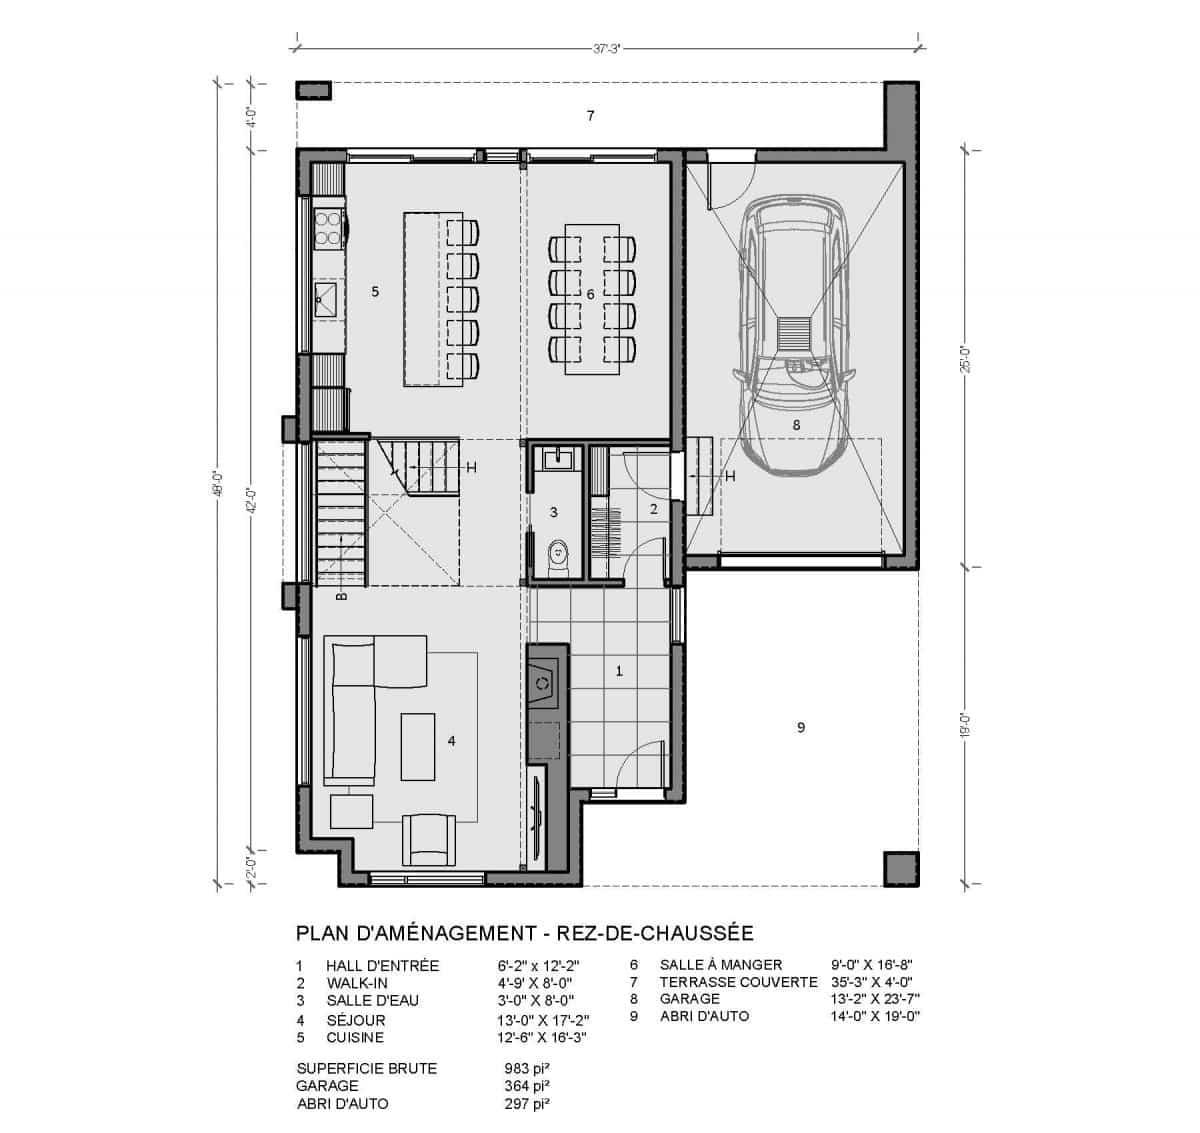 plan de maison rez de chaussée Oslo